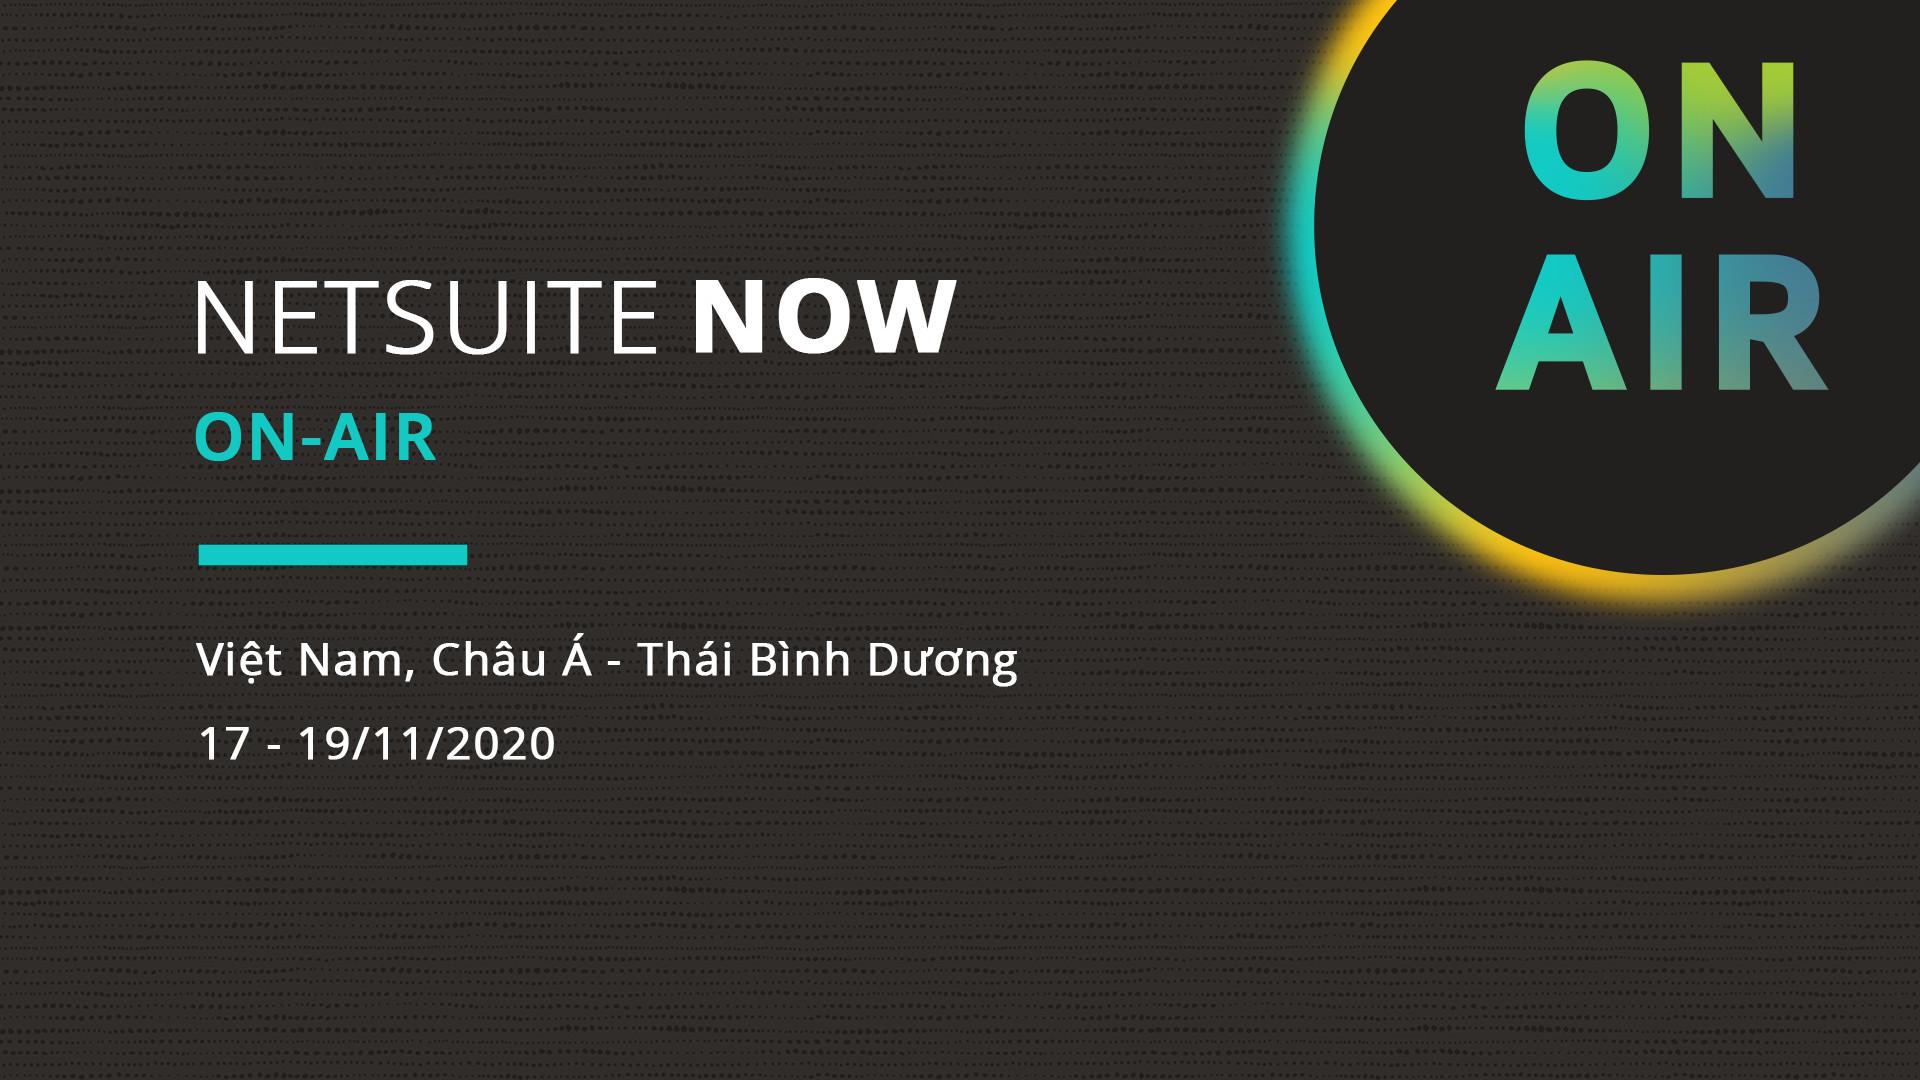 NetSuite Now On Air – Sự kiện công nghệ lớn nhất năm 2020